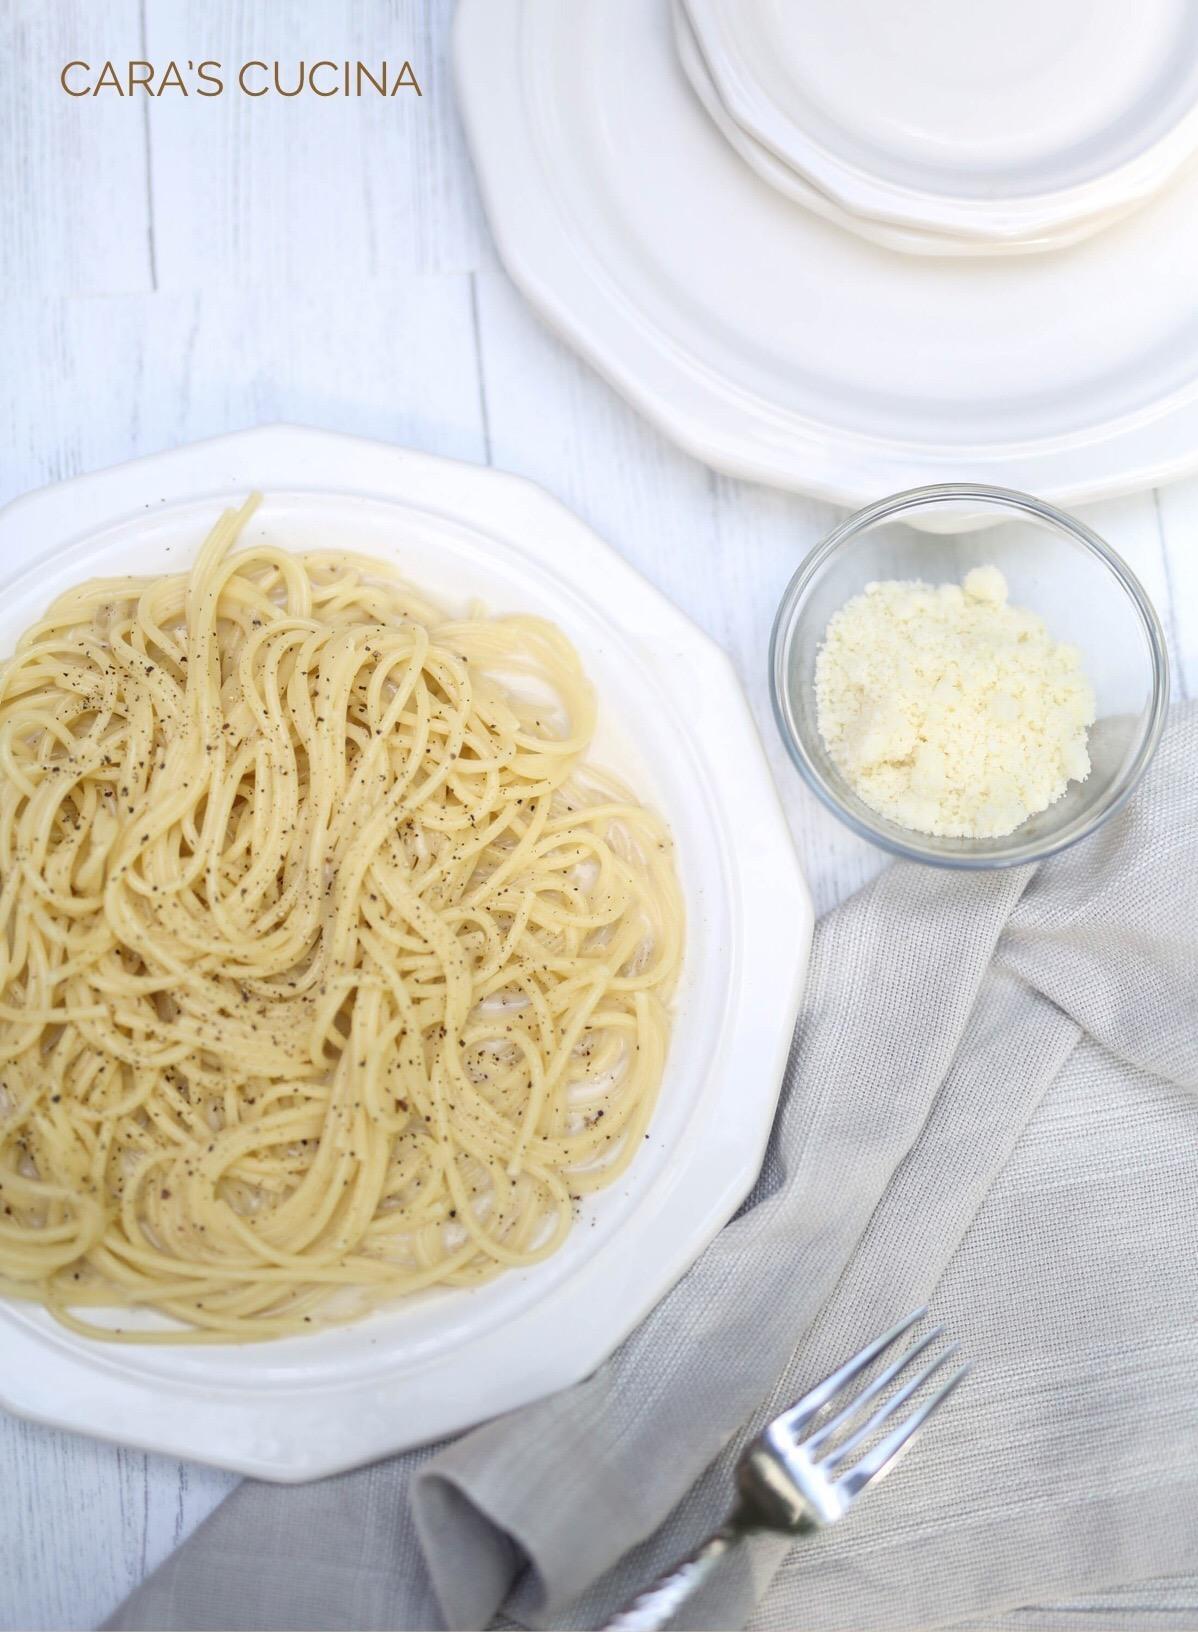 Cara's Cucina: Cacio e Pepe